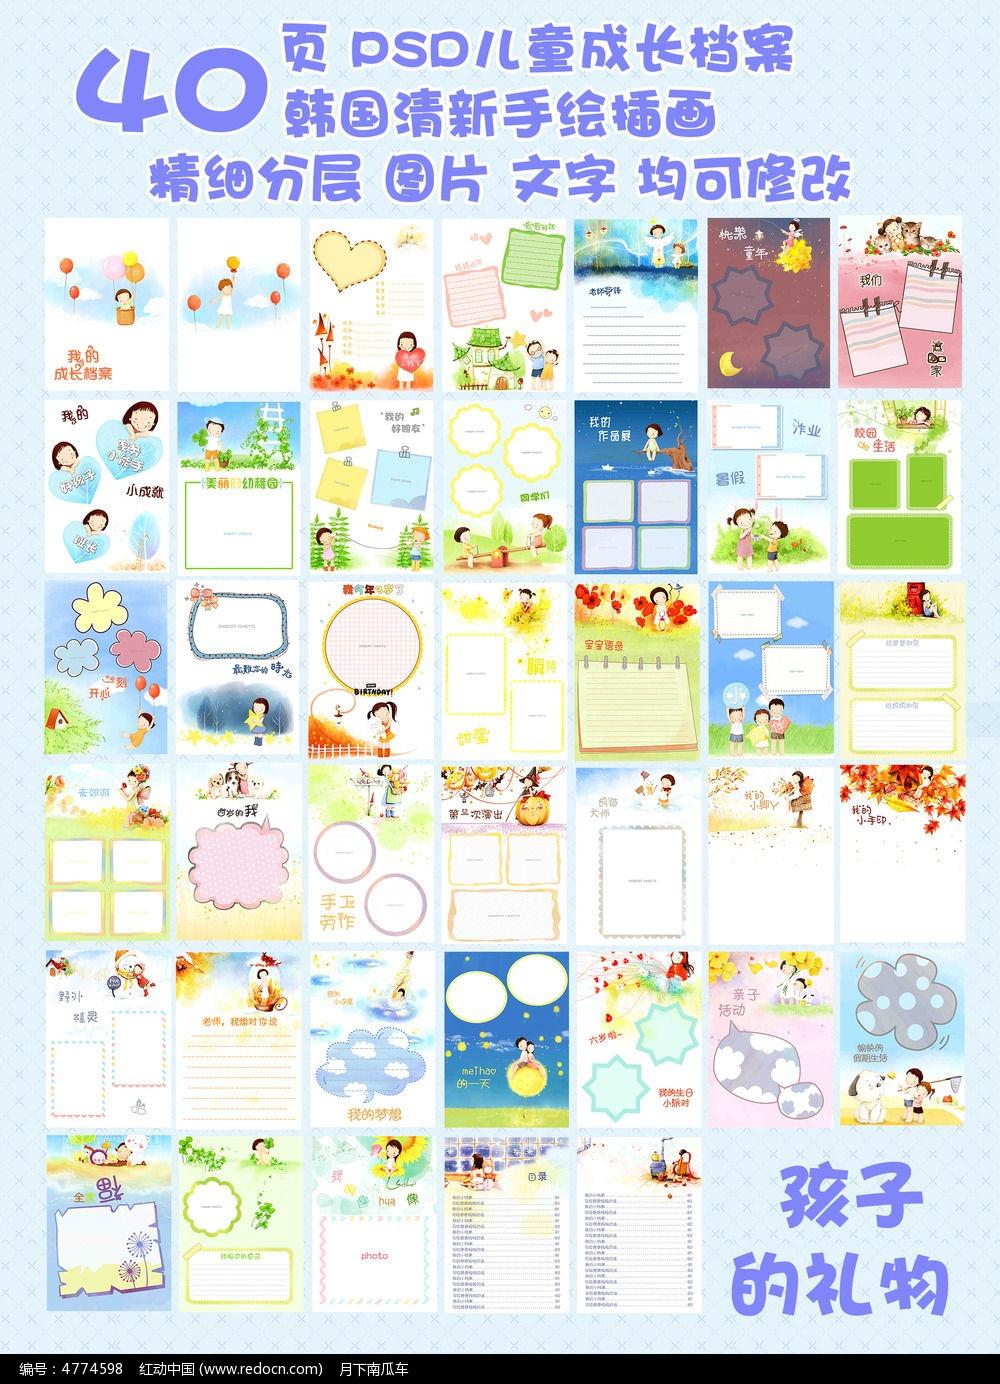 国清新插画幼儿成长档案模板下载 幼儿成长历程 记录相册 学校 幼儿图片